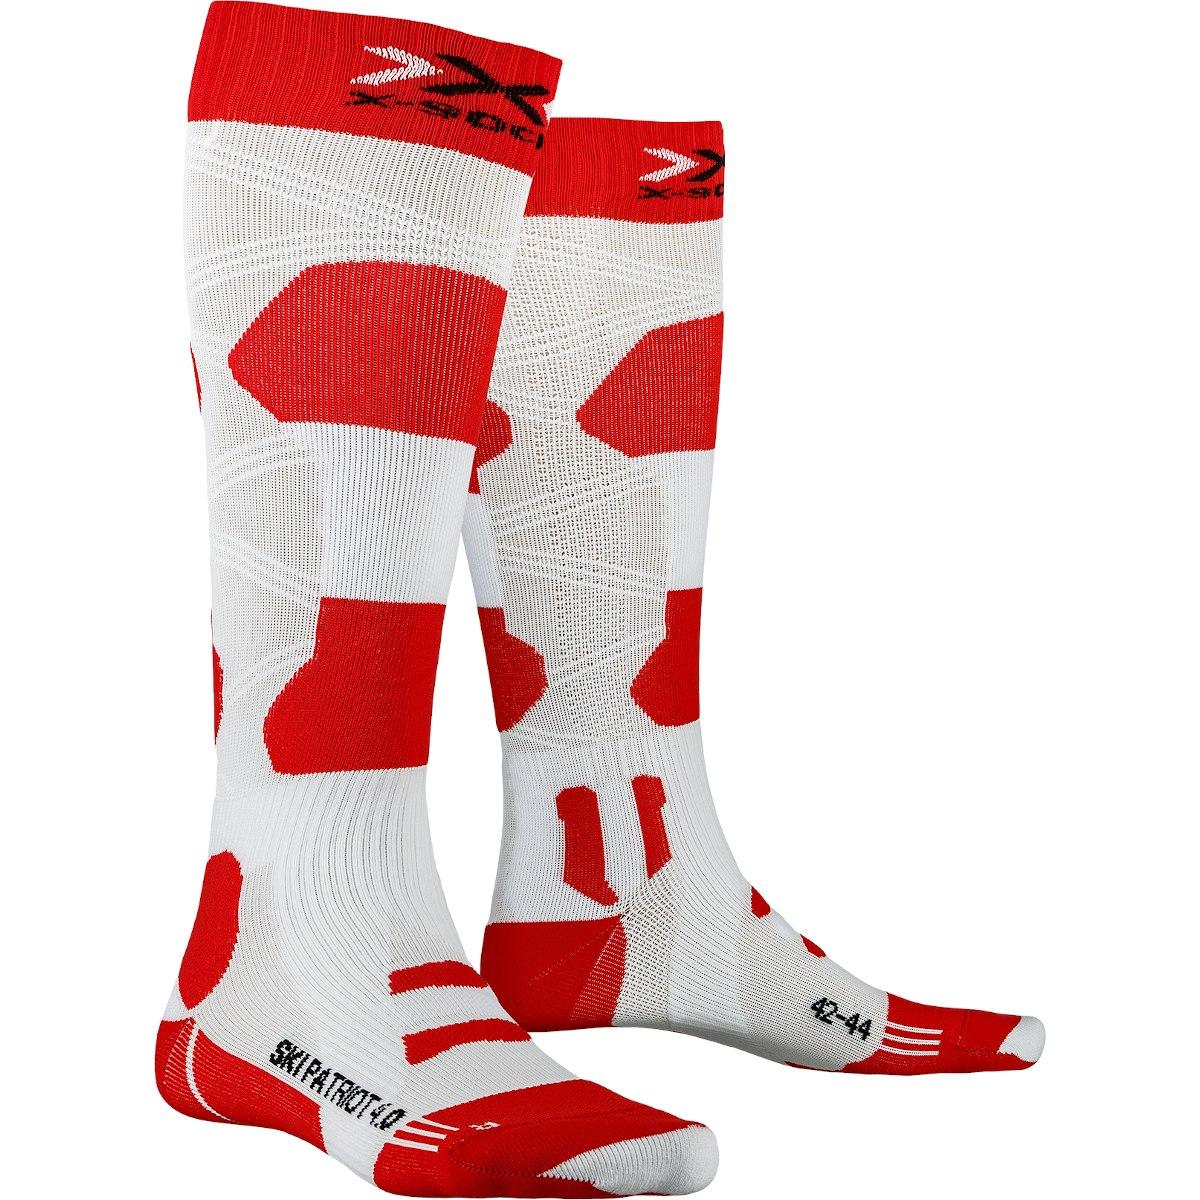 X-Socks Ski Patriot 4.0 Socken - austria